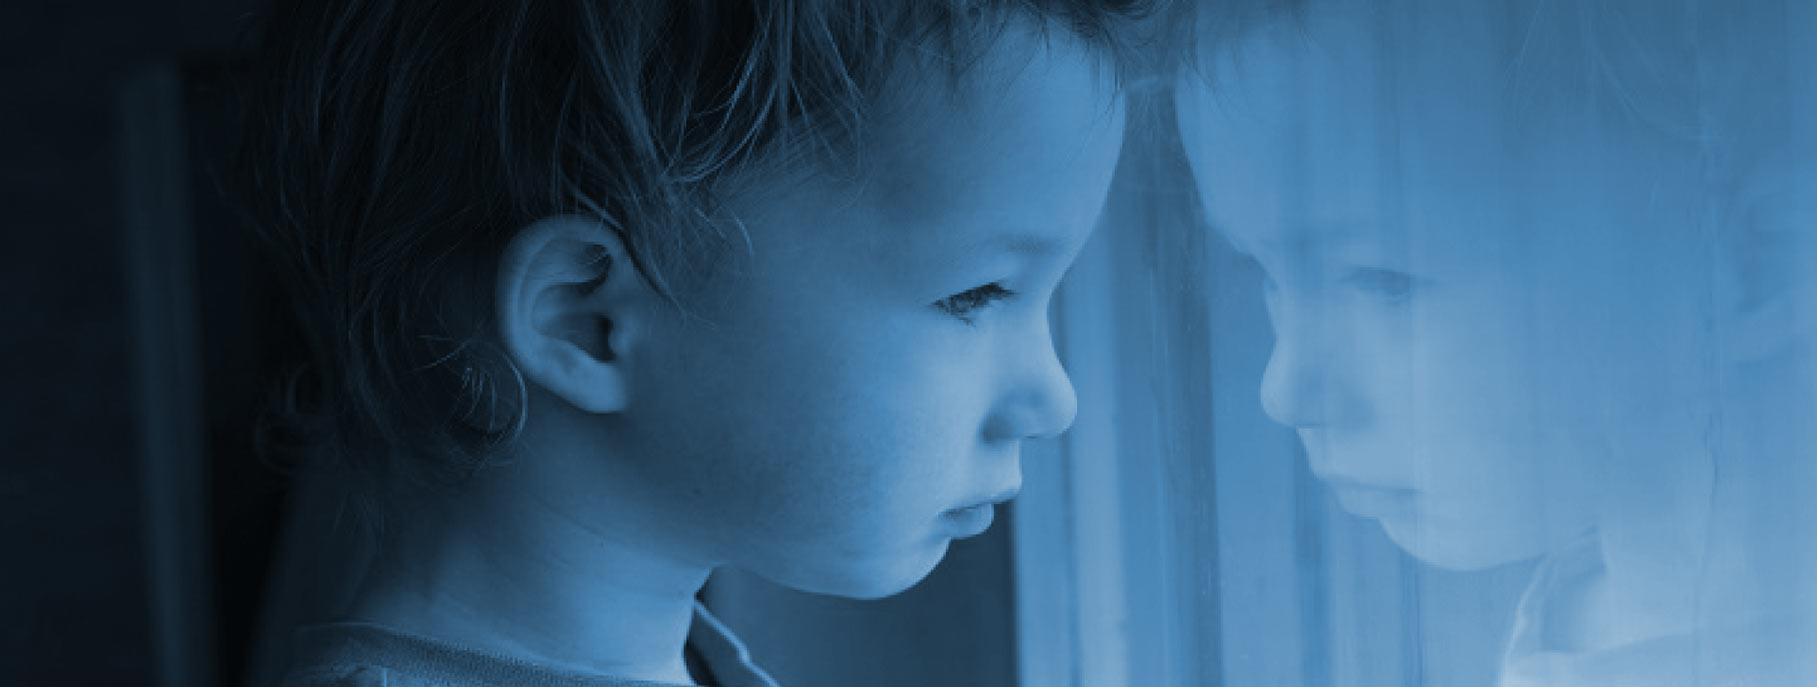 En France, 1 enfant sur 5 vit dans une situation d'extrême pauvreté